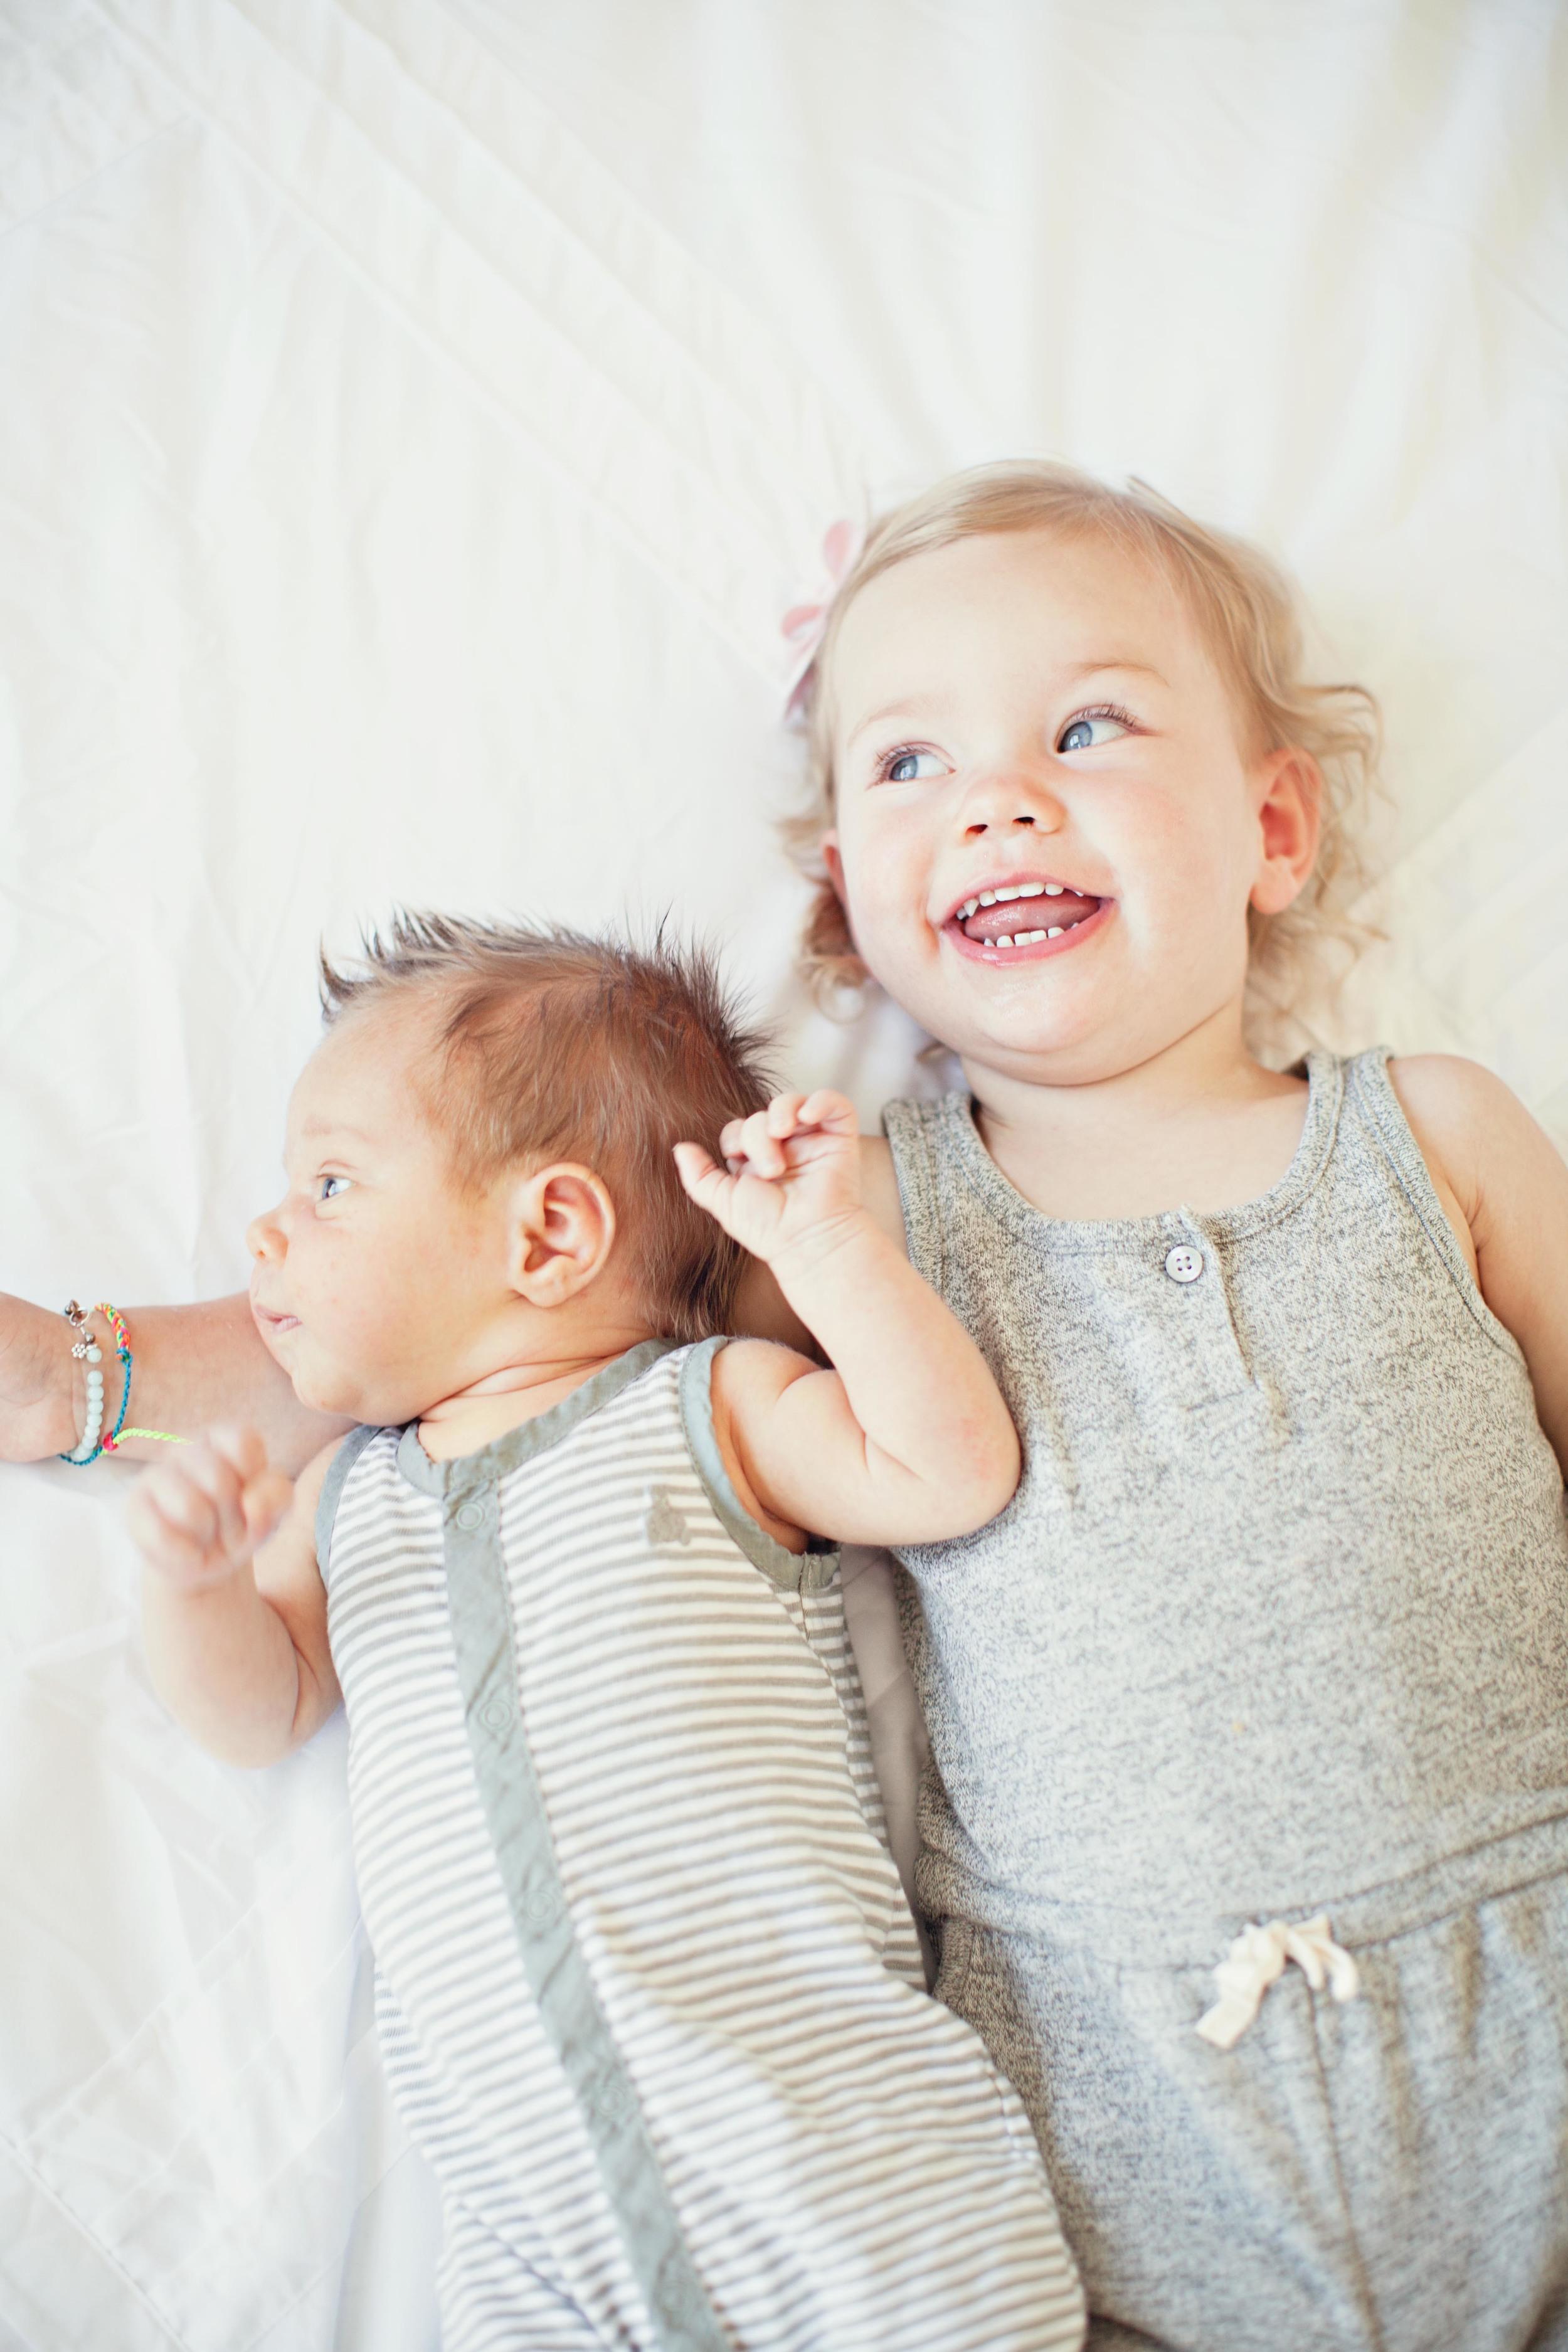 baby rush + bea_150626_0121_1_1blog.jpg